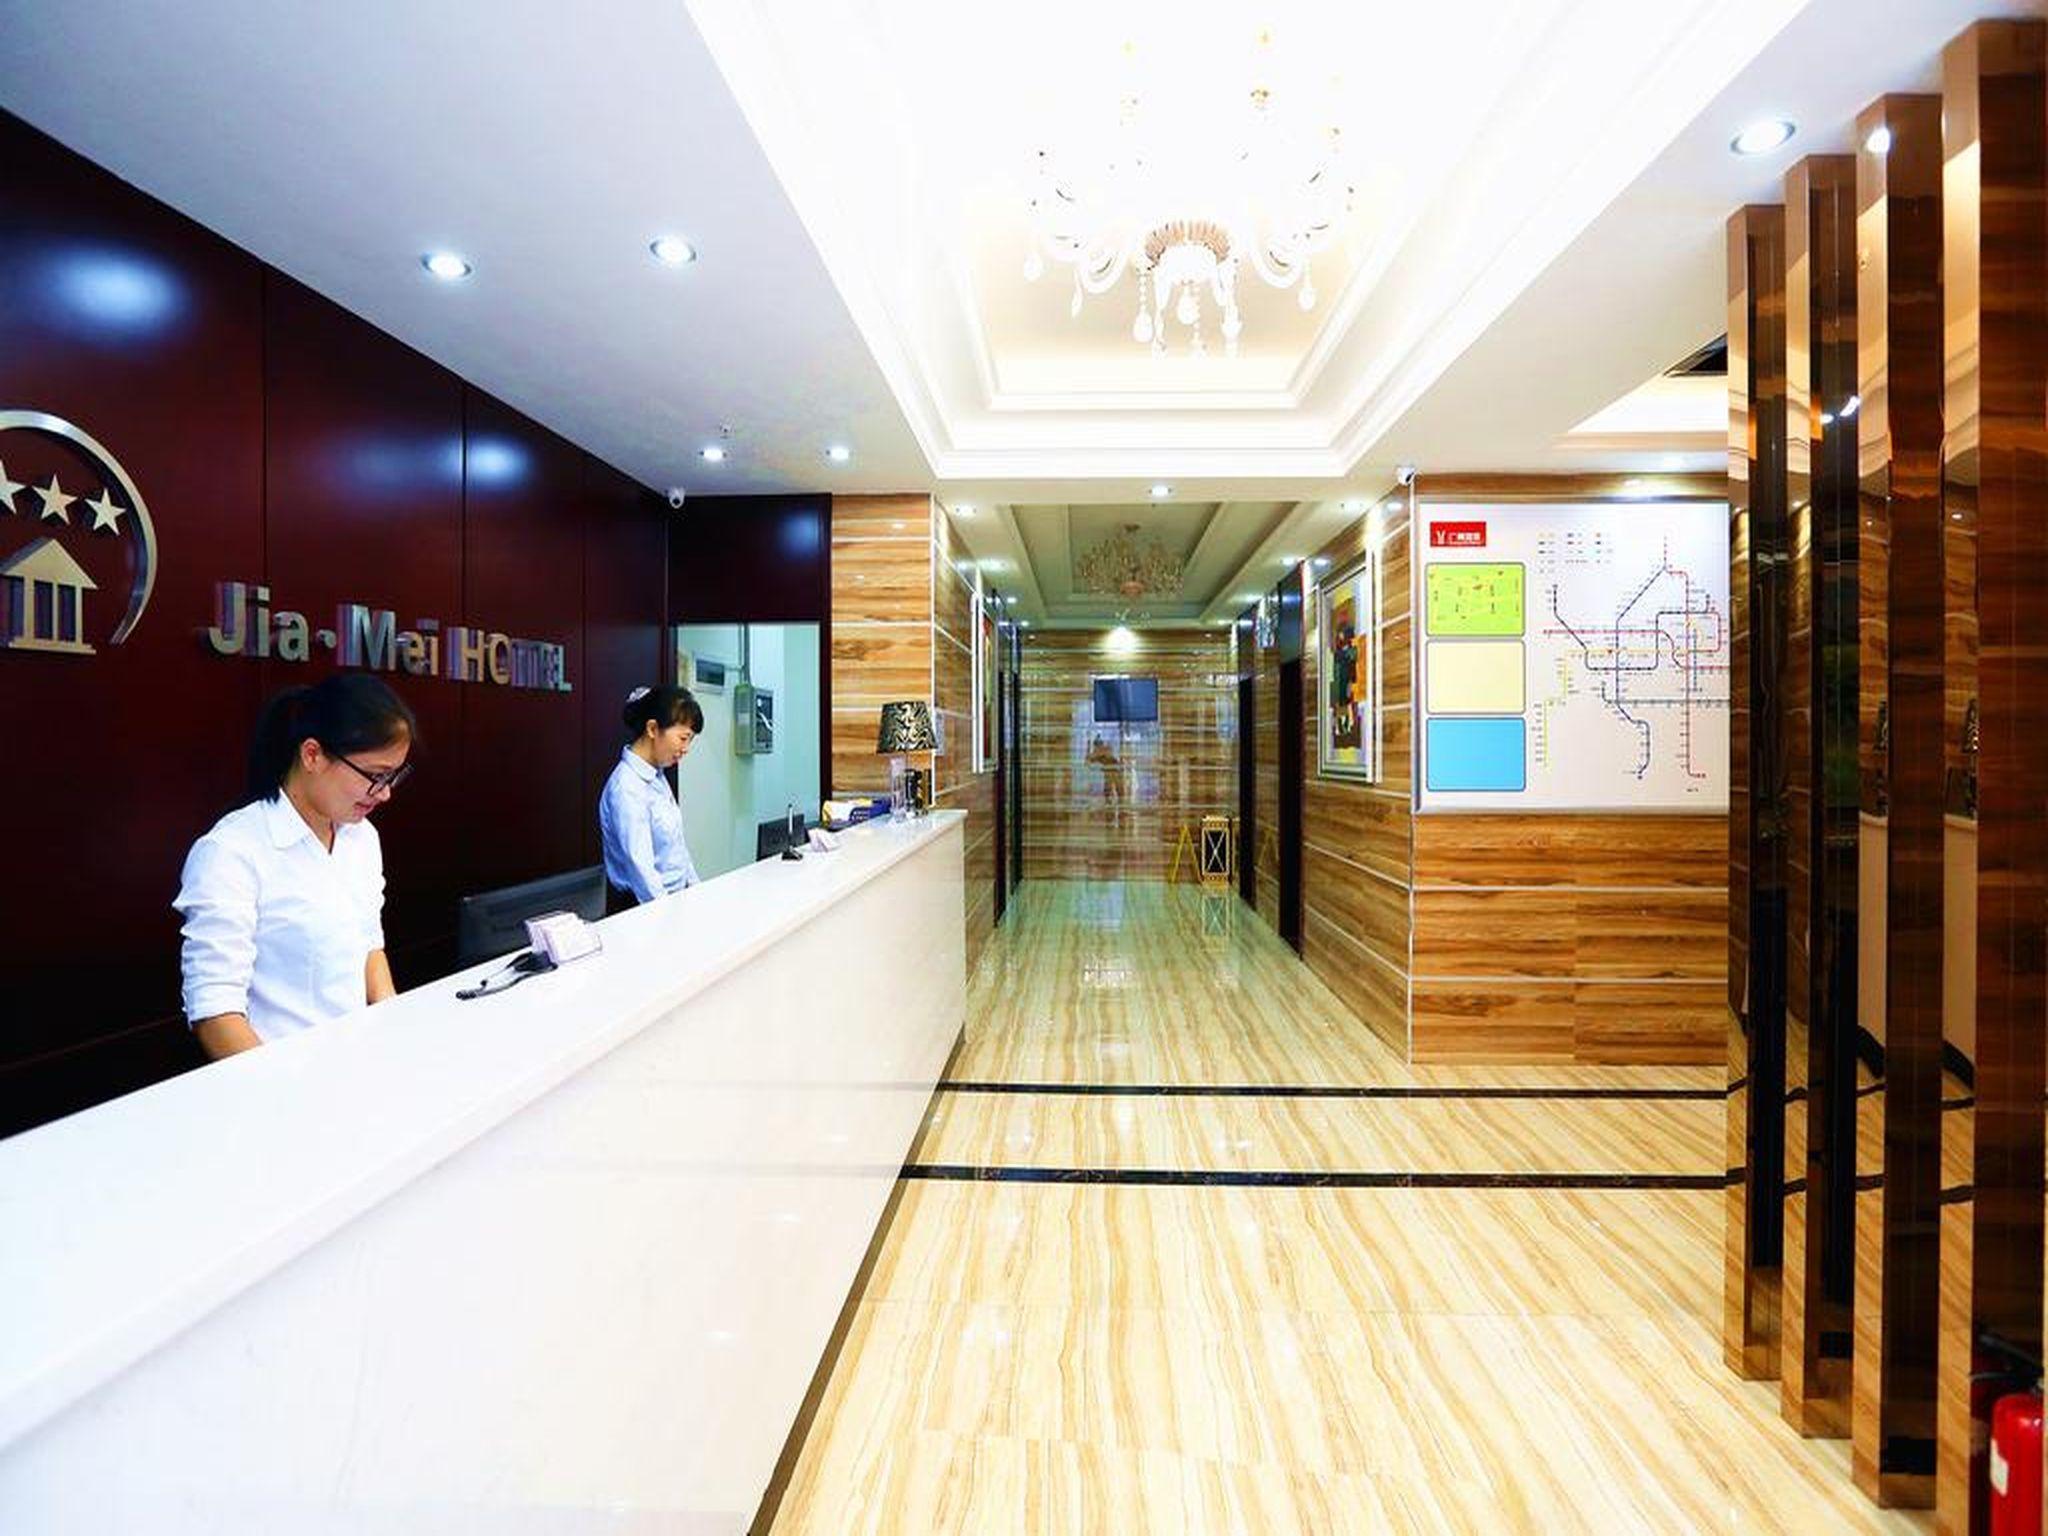 Jia Mei Hotel